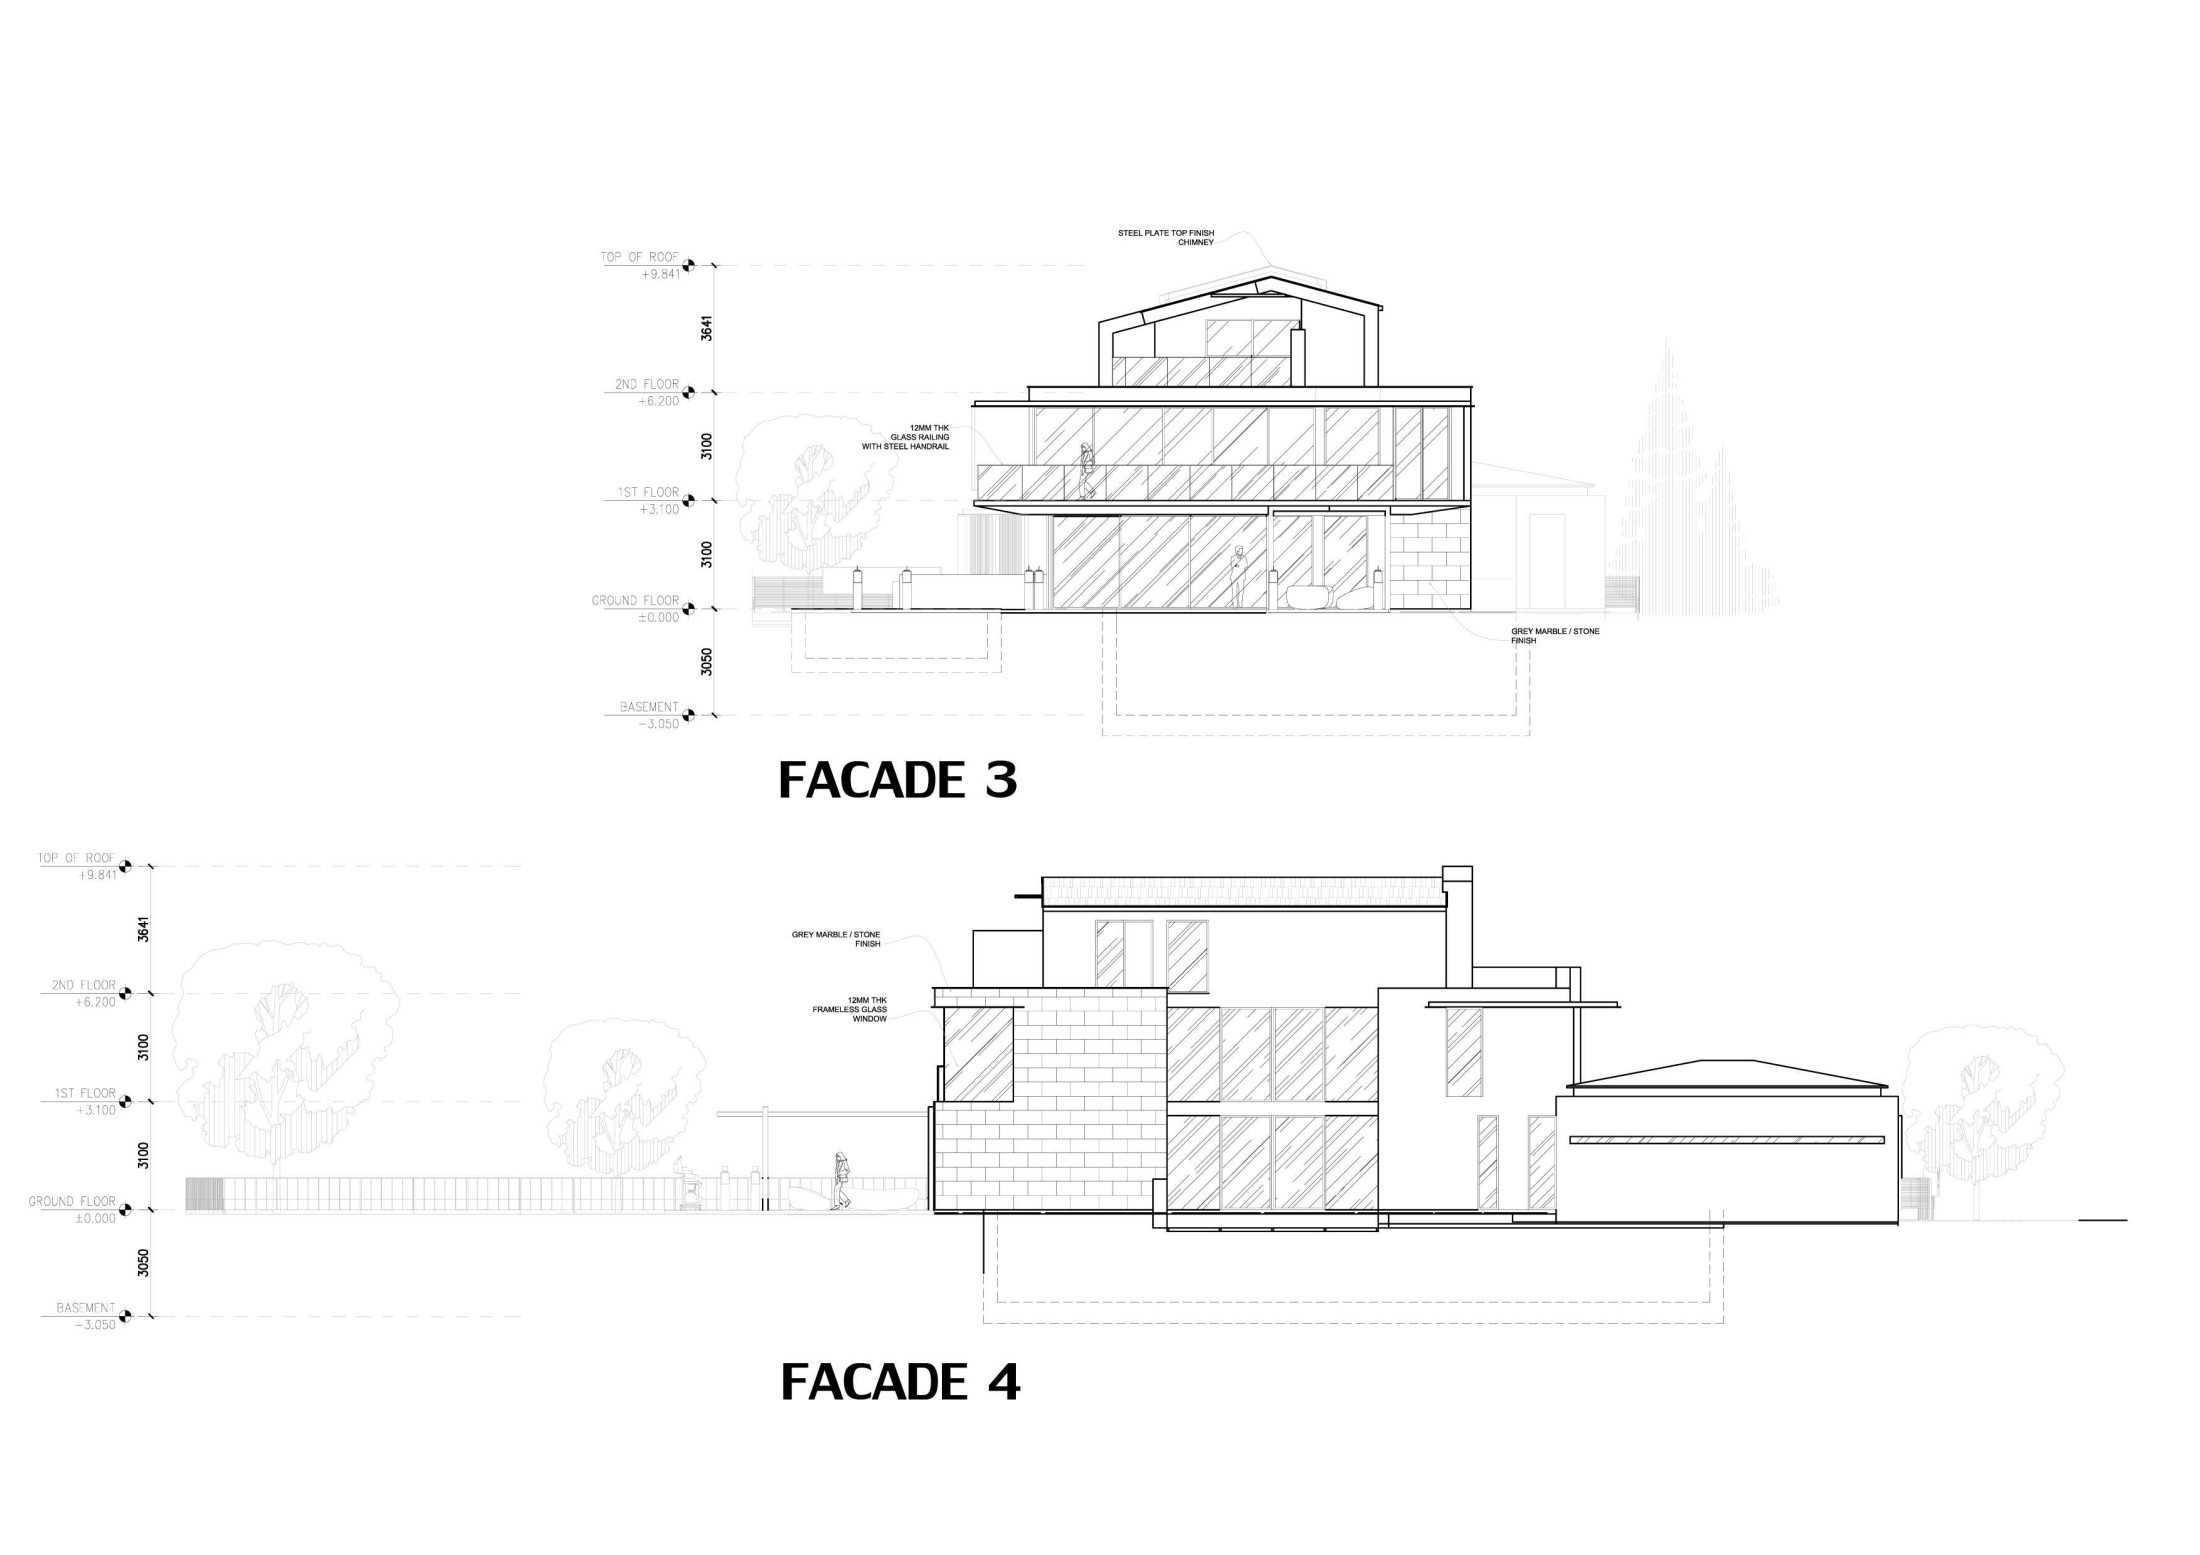 Bral Architect Alpen House In Germany 46519 Alpen, Jerman 46519 Alpen, Jerman Bral-Architect-Alpen-House-In-Germany  99896